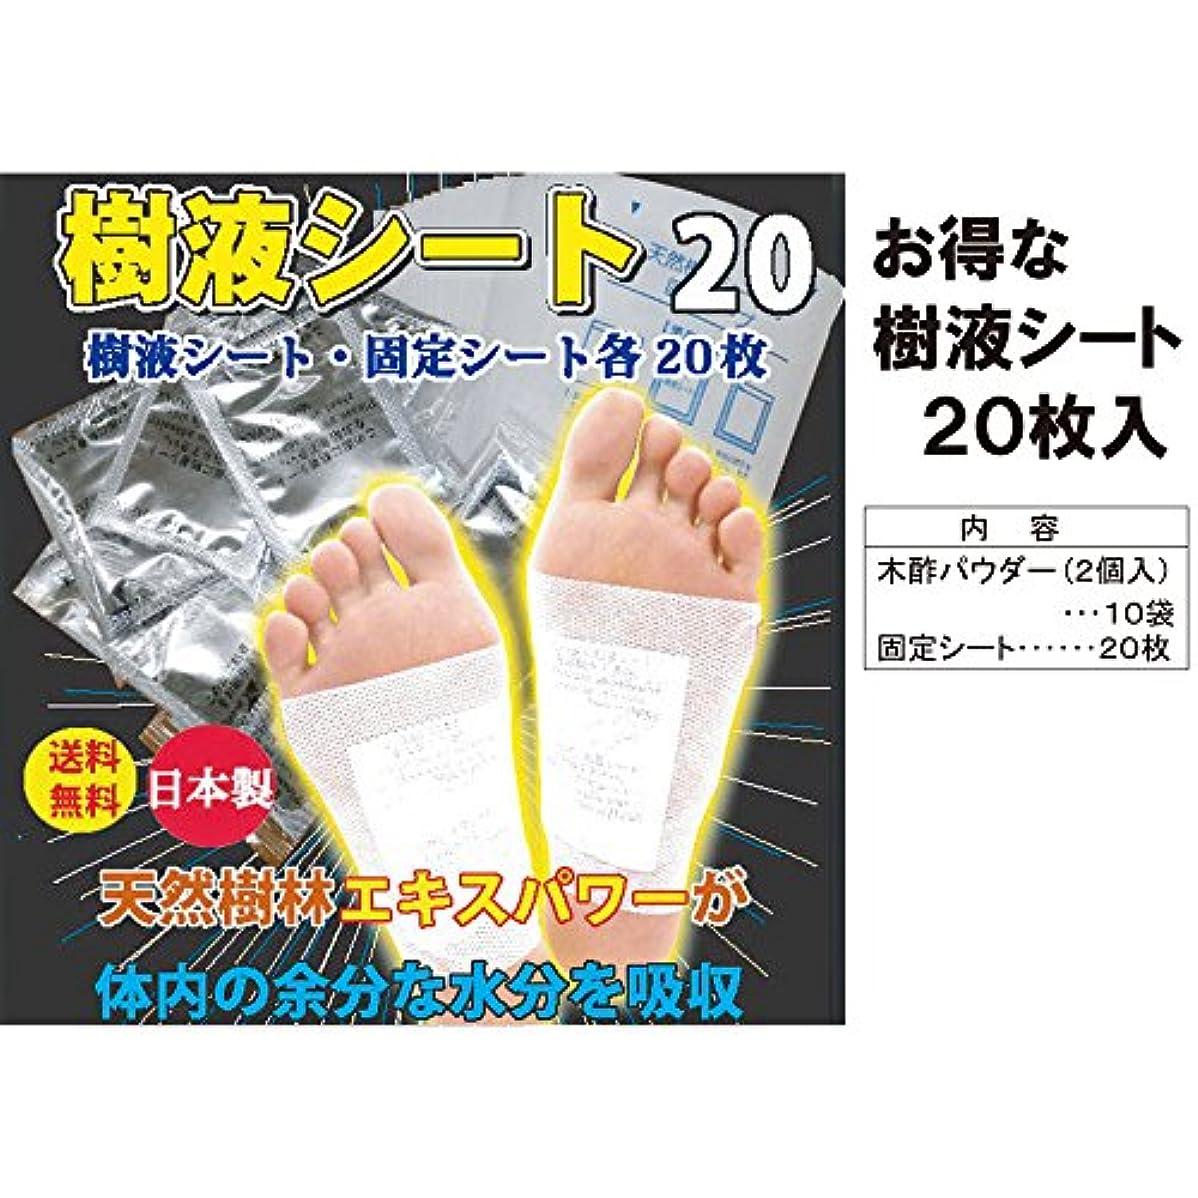 投げる印象派奴隷M&Sジャパン 日本製 足裏樹液シート80枚 20枚入り4個セット 足裏 シート お徳用 健康 グッズ 足ツボ